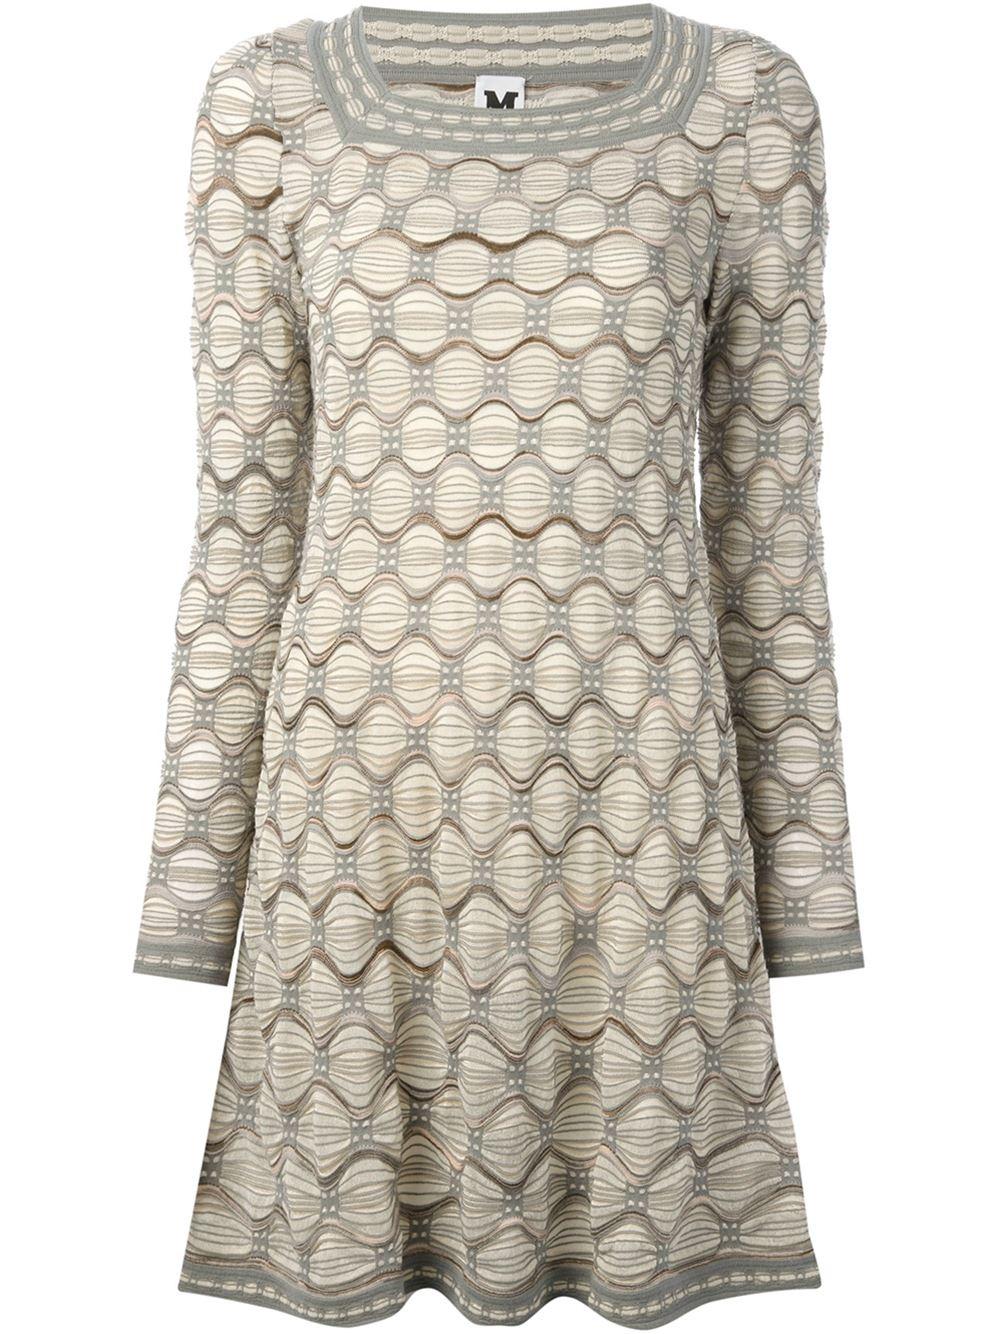 9dcff2d447a39 M Missoni Crochet Knit Dress in Natural - Lyst